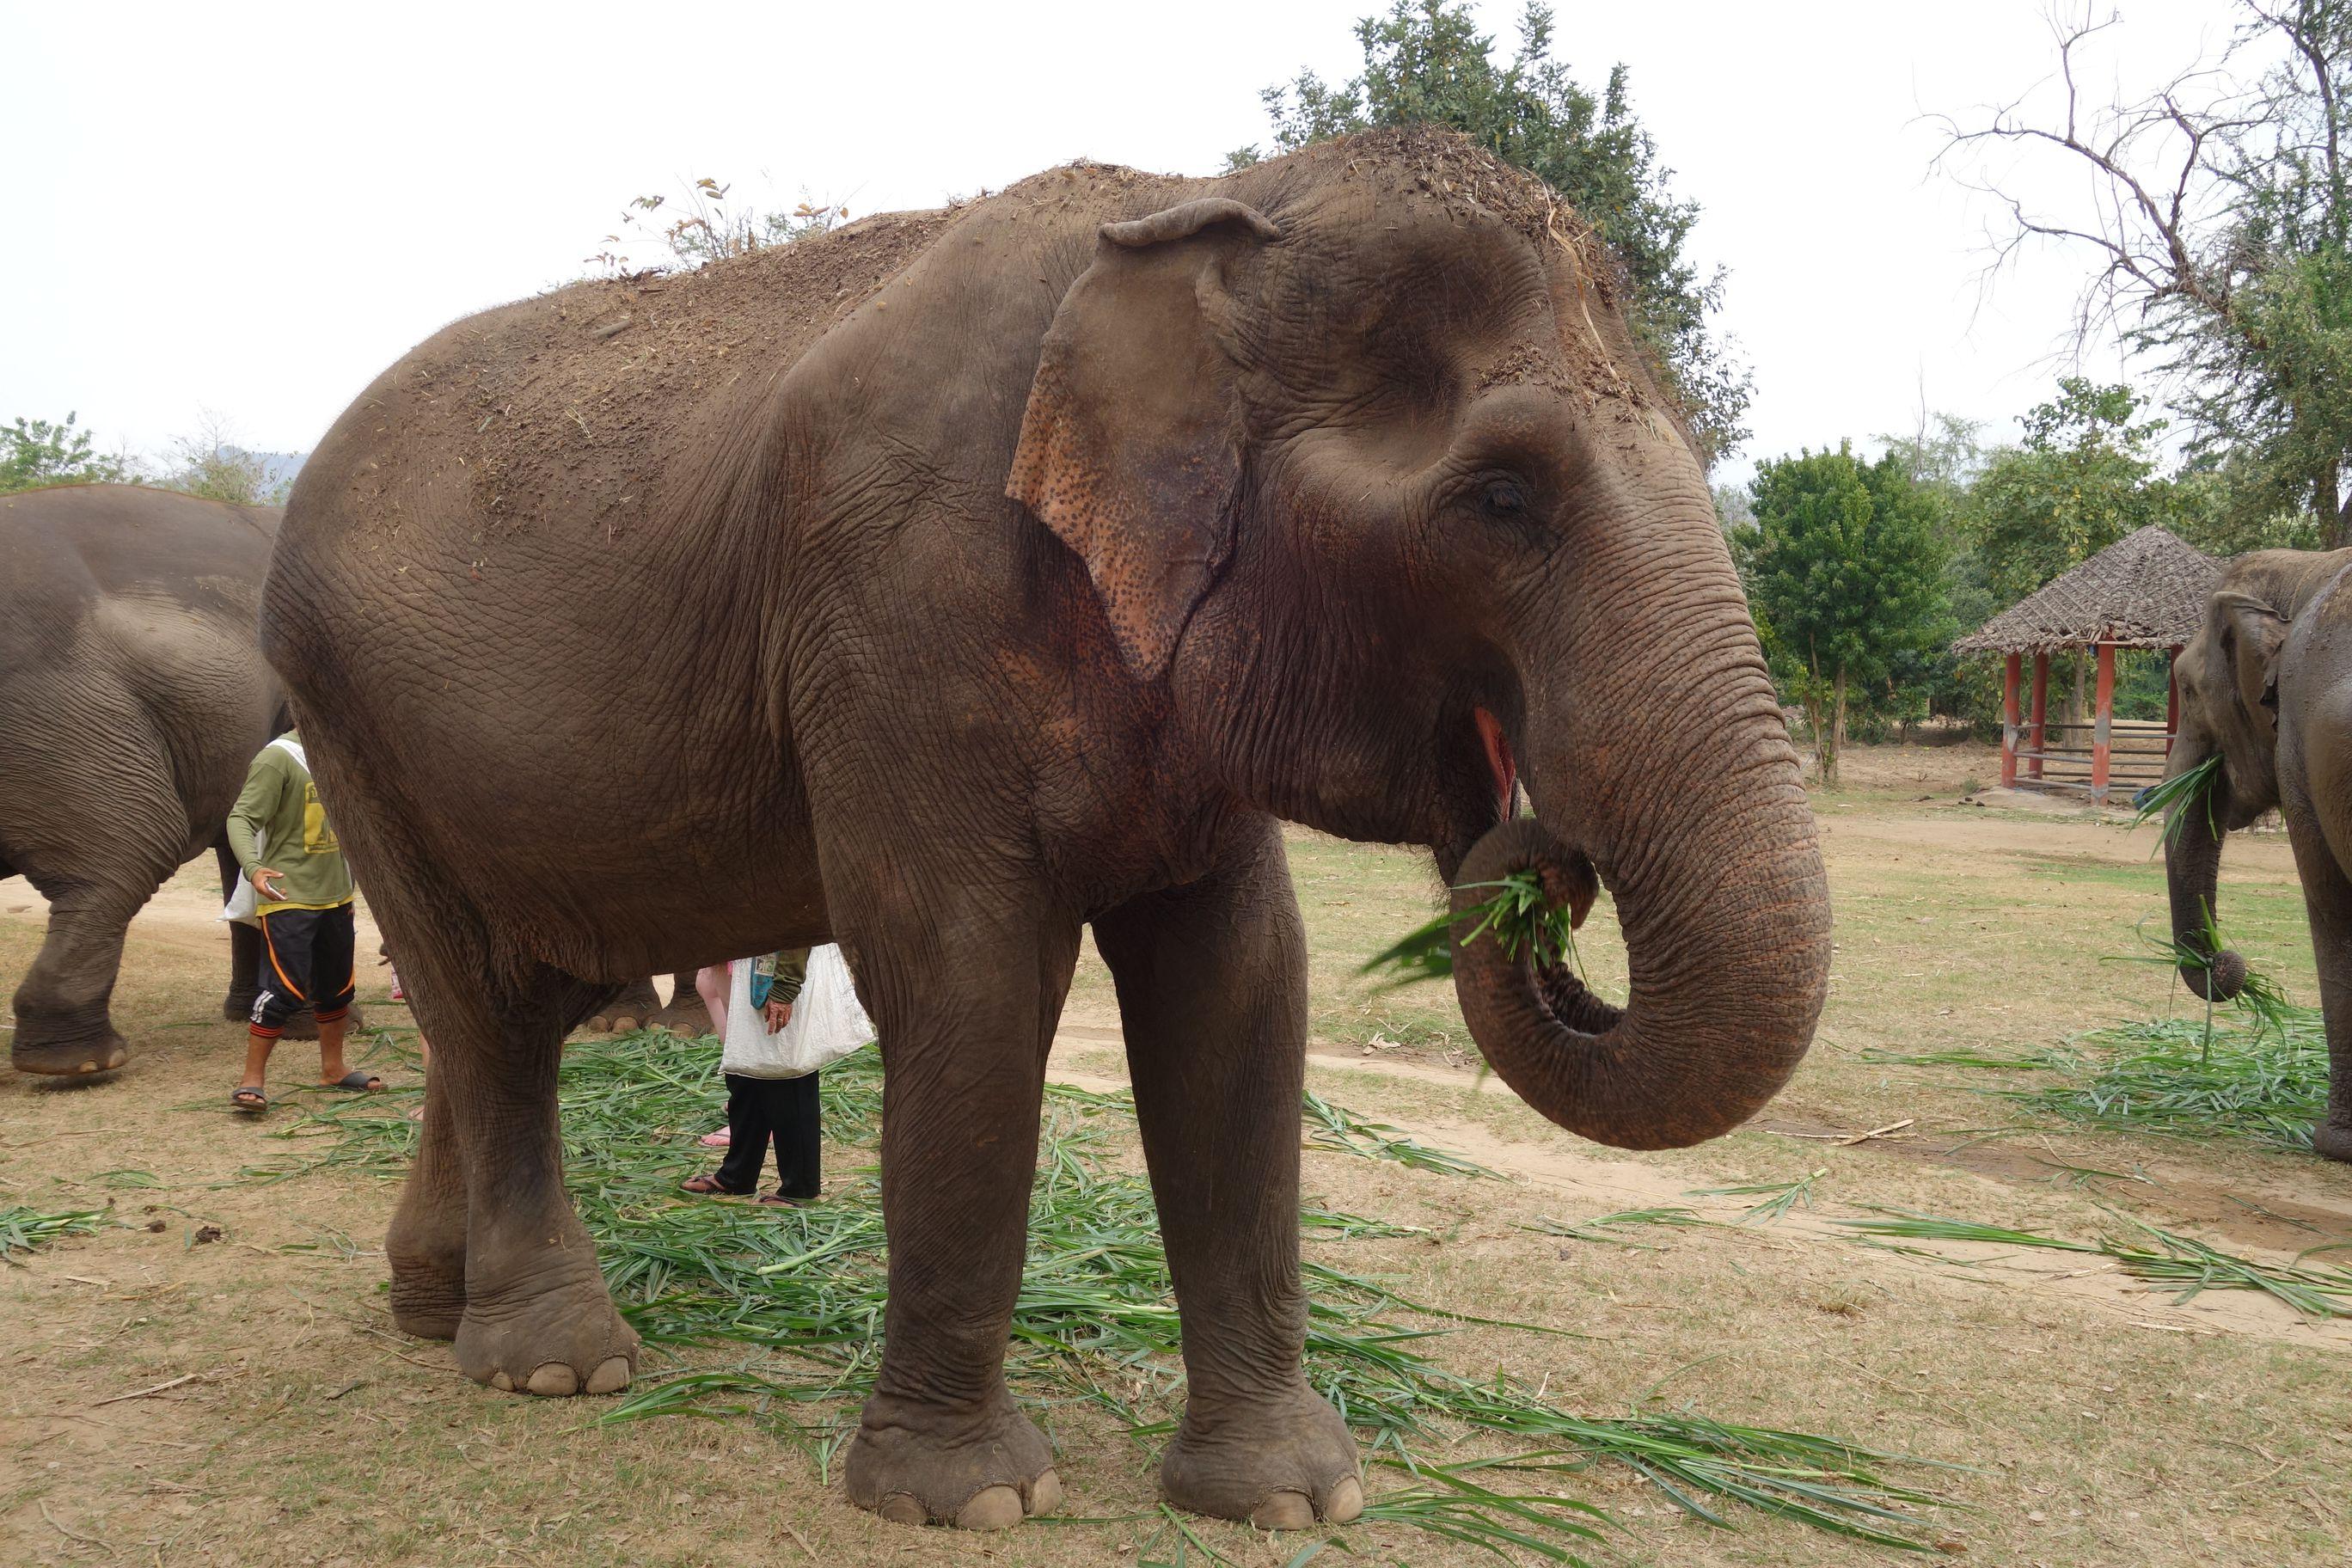 Elephants en Thaïlande - Ici et la en famille